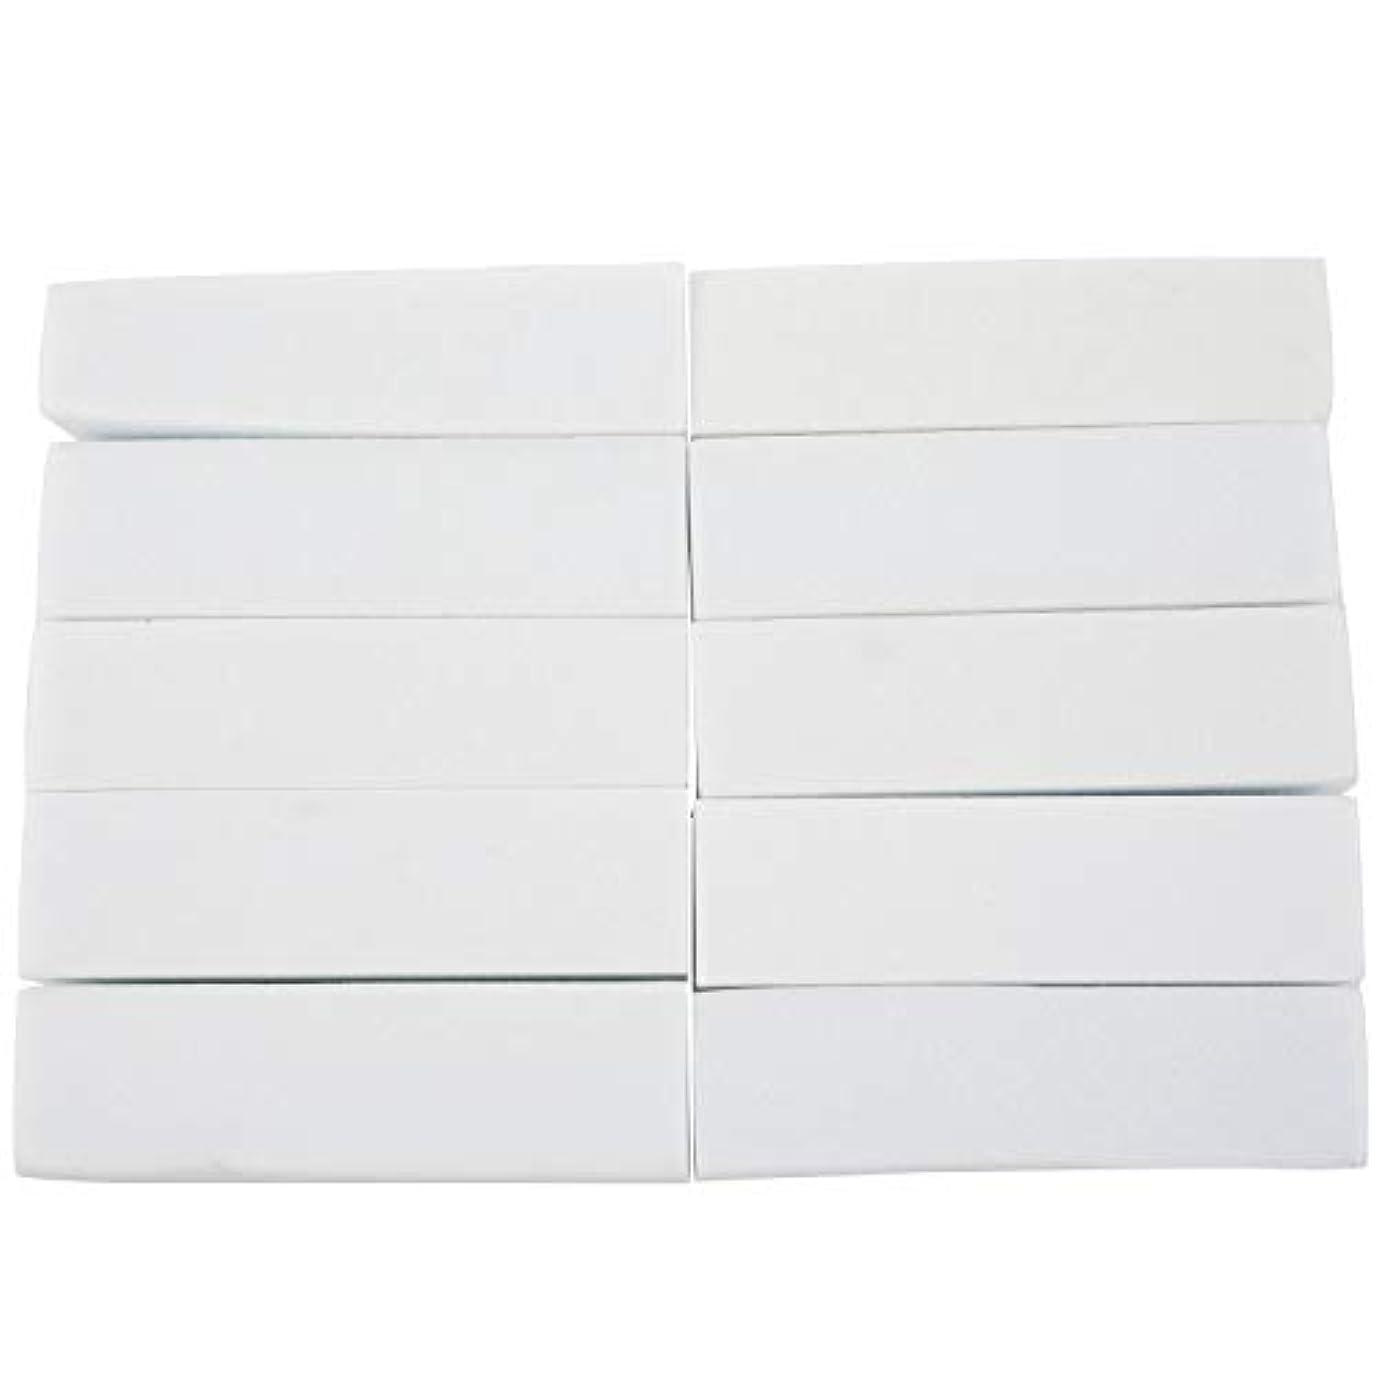 練習した分離伝説Nrpfell 10x白いのアクリルネイルアートのバフ研磨のツール、マニキュアツール